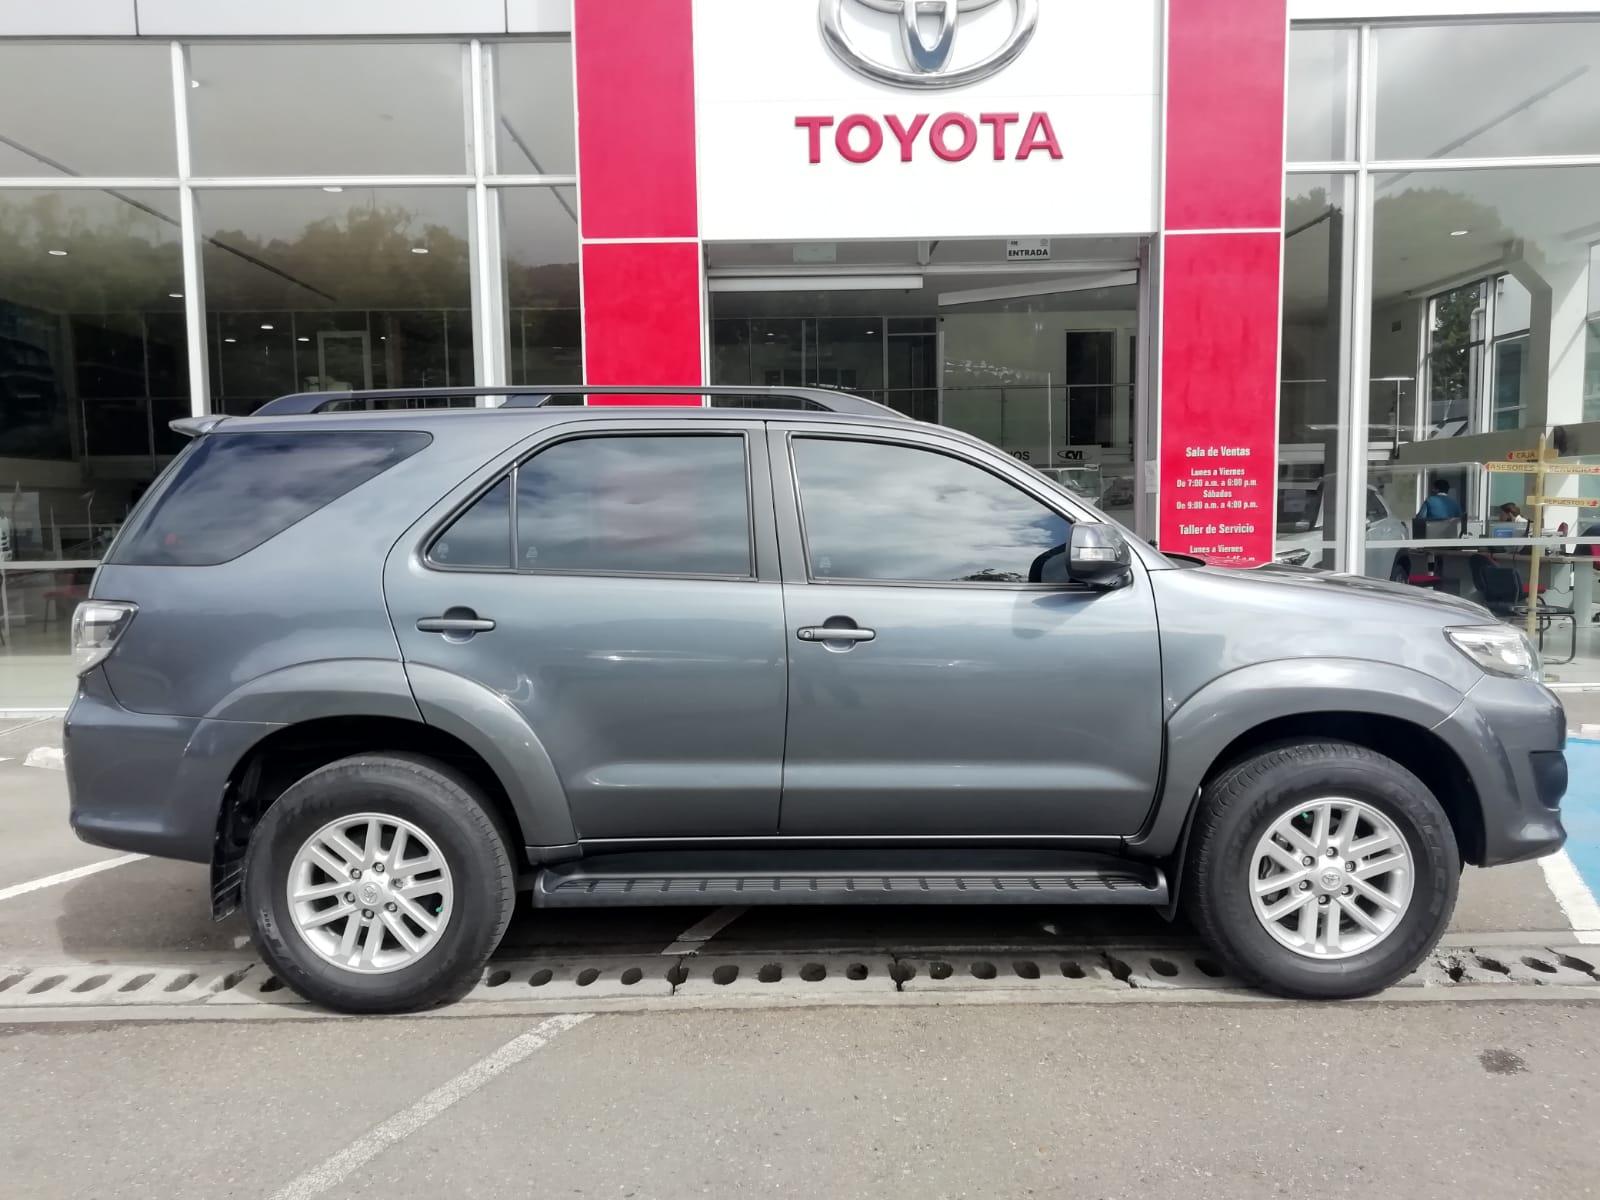 Toyota Fortuner IMG 20210713 WA0022